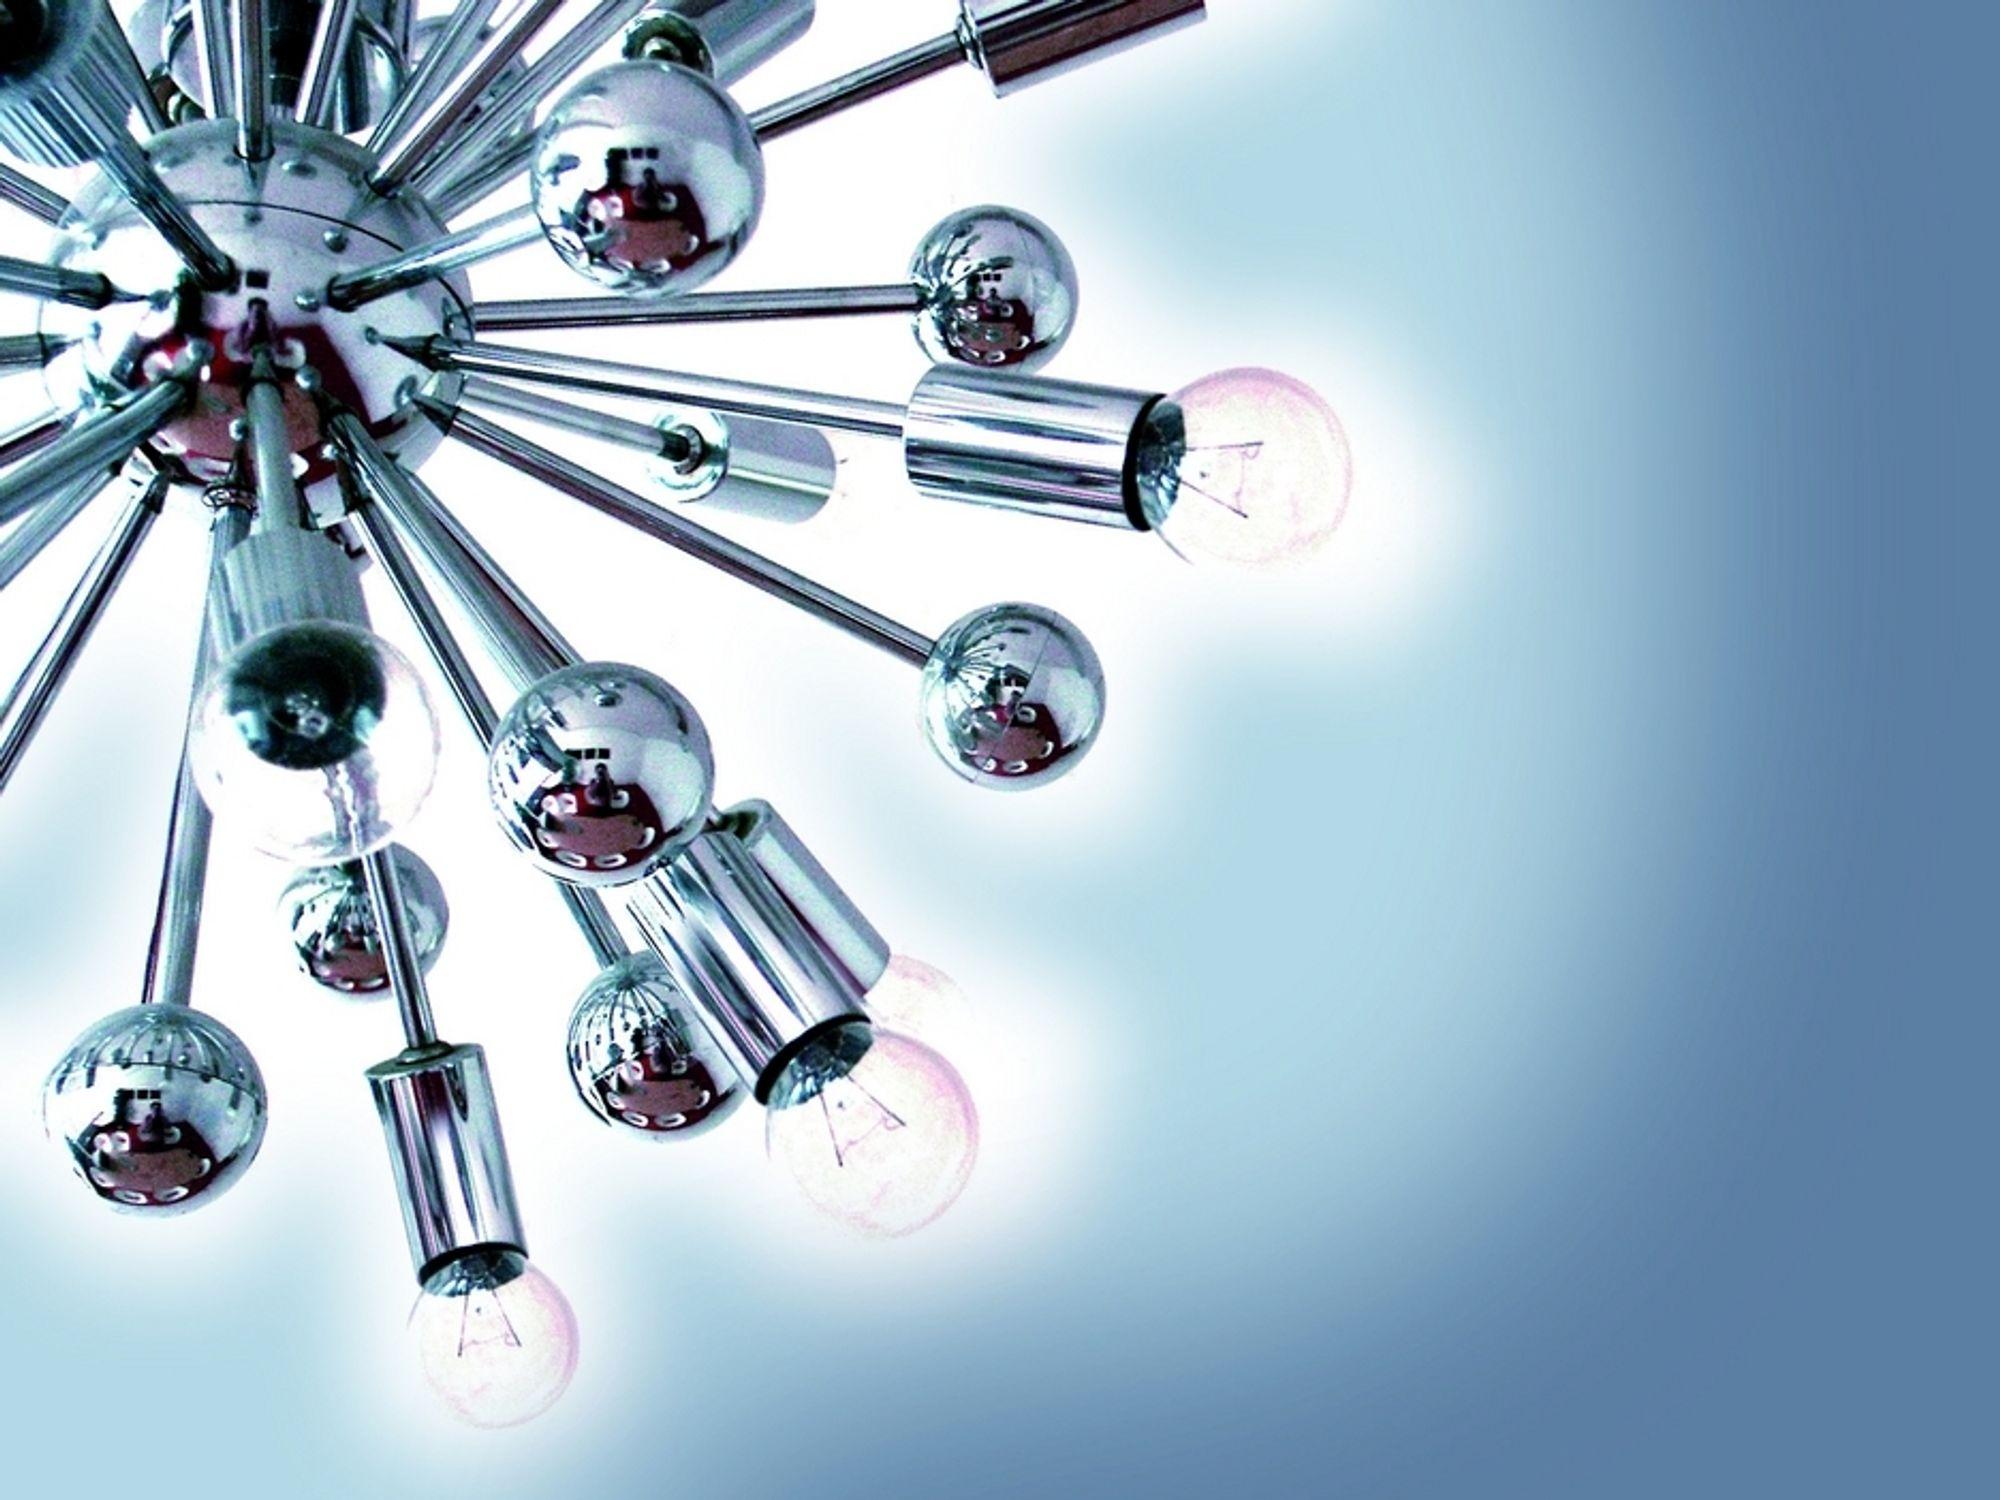 """VARIASJON: En variert bruk av glødepærer, halogenlys og sparepærer skaper flotte """"lysrom"""" i hjemmet ditt. Lyskultur råder deg til å vurdere nøye hva slags lys du trenger til ulik bruk."""